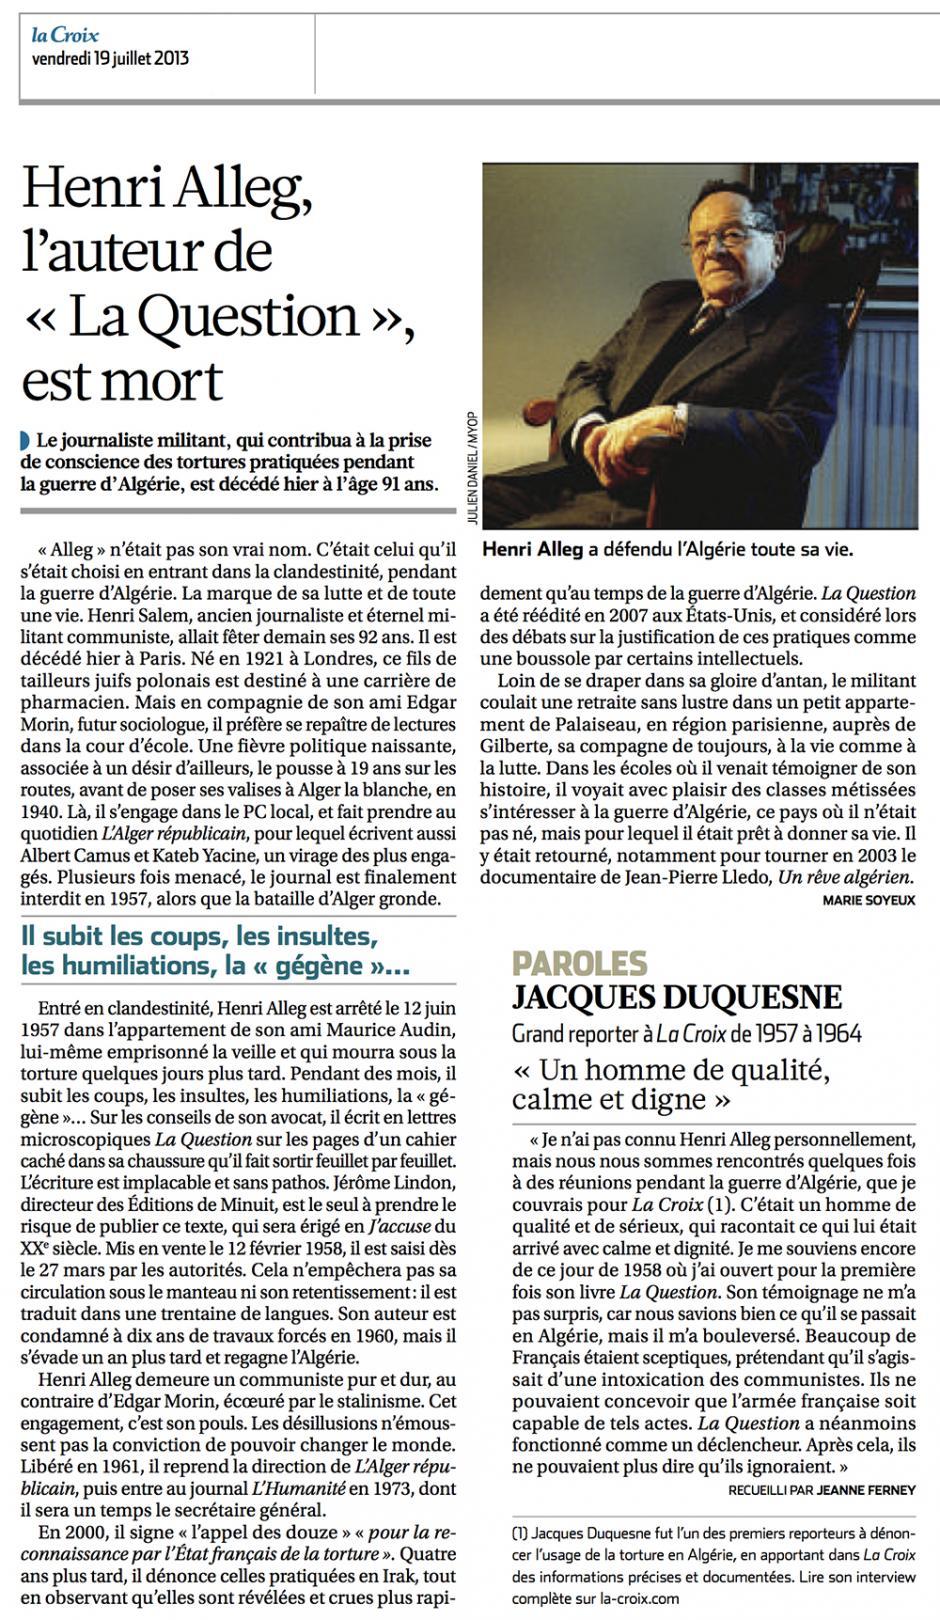 20130719-La Croix-Henri Alleg, l'auteur de « La Question » est mort